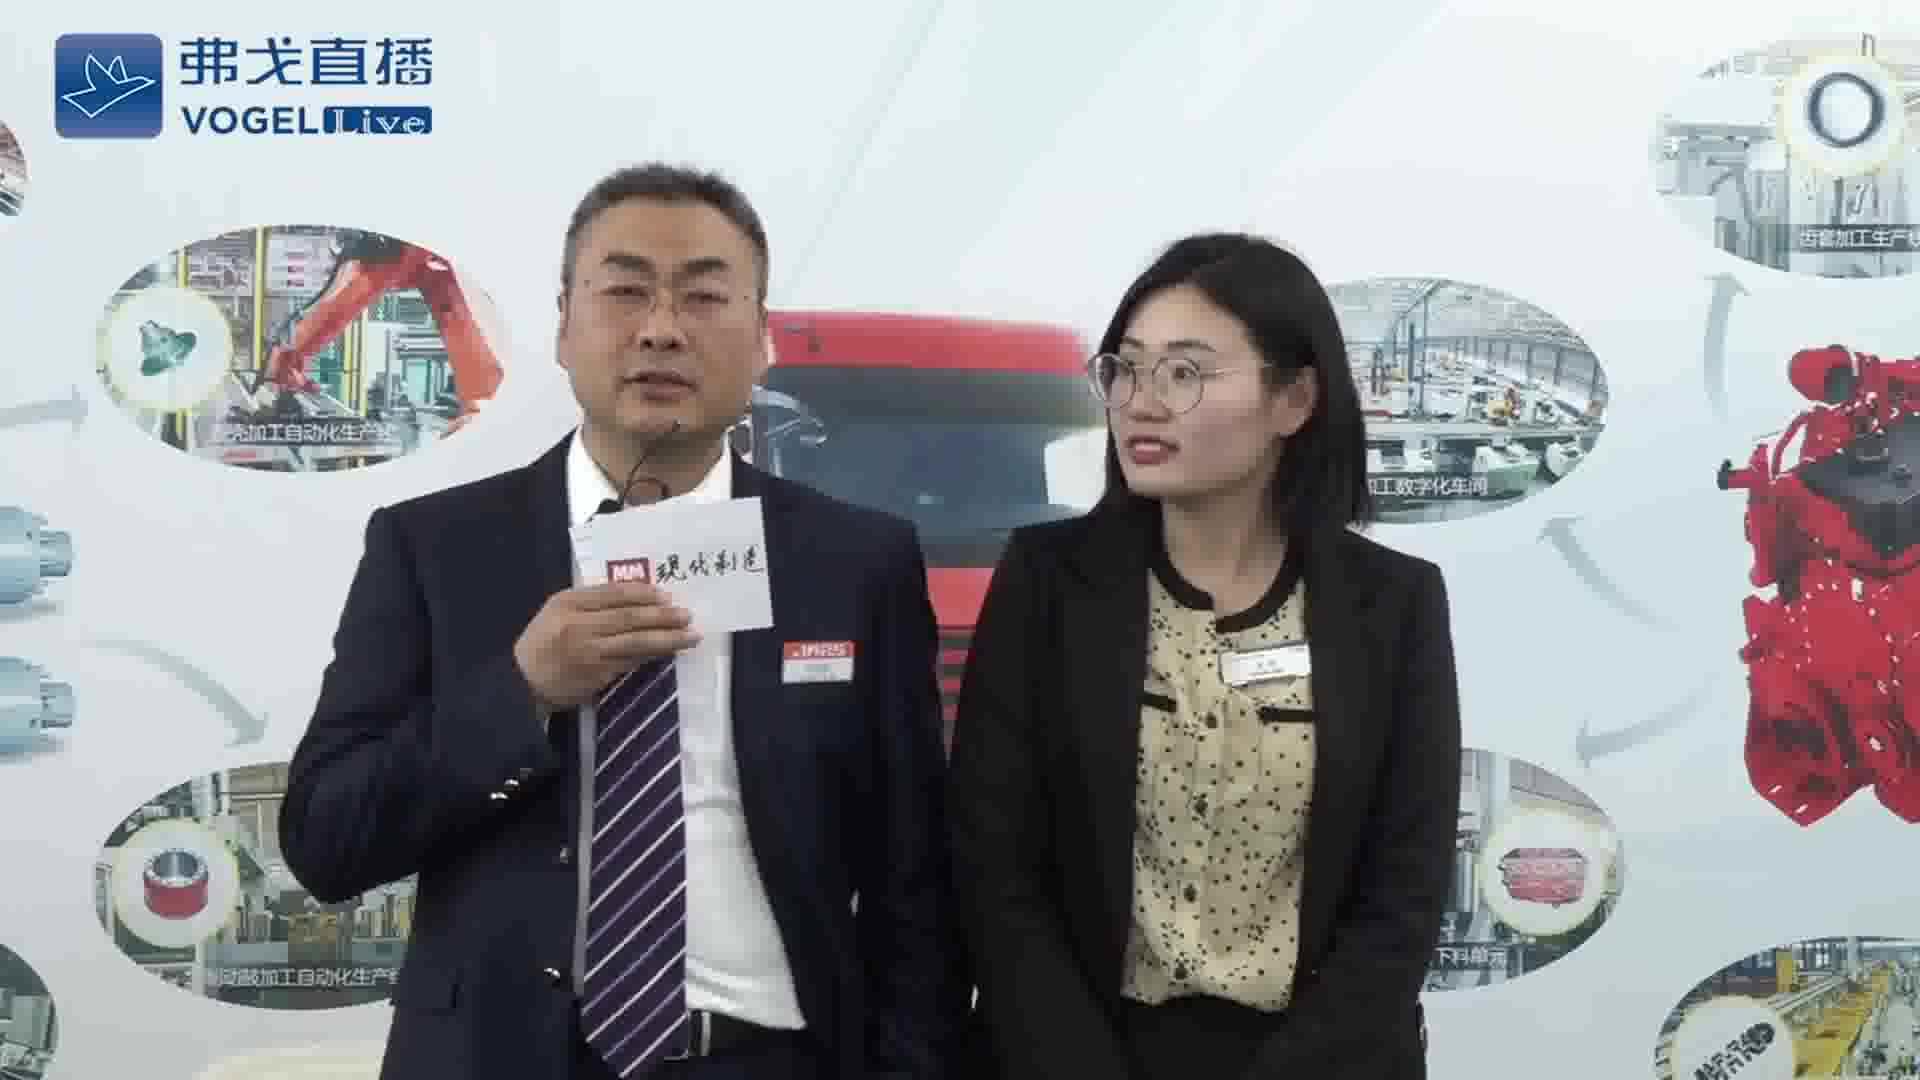 同彦恒先生 宁夏巨能机器人股份有限公司营业部部长接受采访-CIMT2019